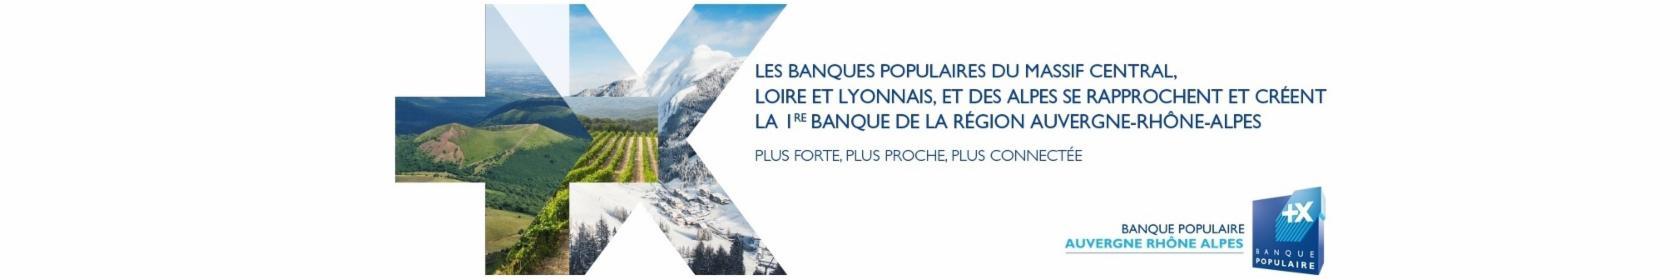 Banque Populaire Auvergne Rhone Alpes Recrutement Toutes Les